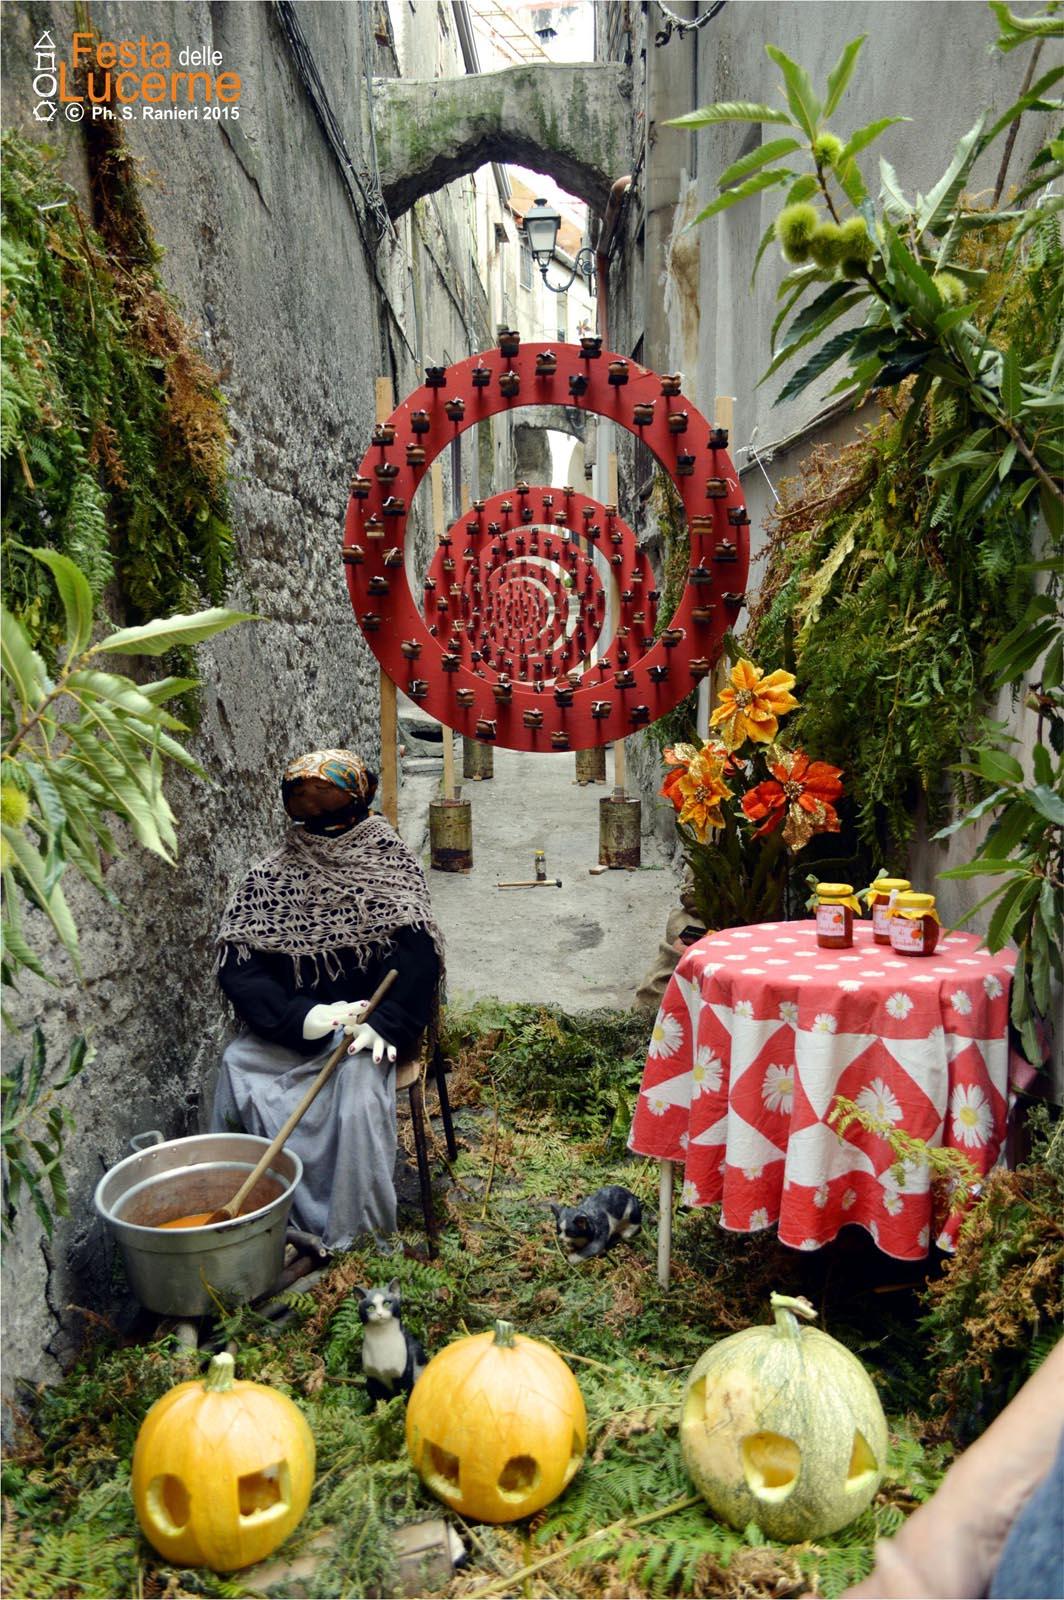 Festa delle Lucerne | Somma Vesuviana